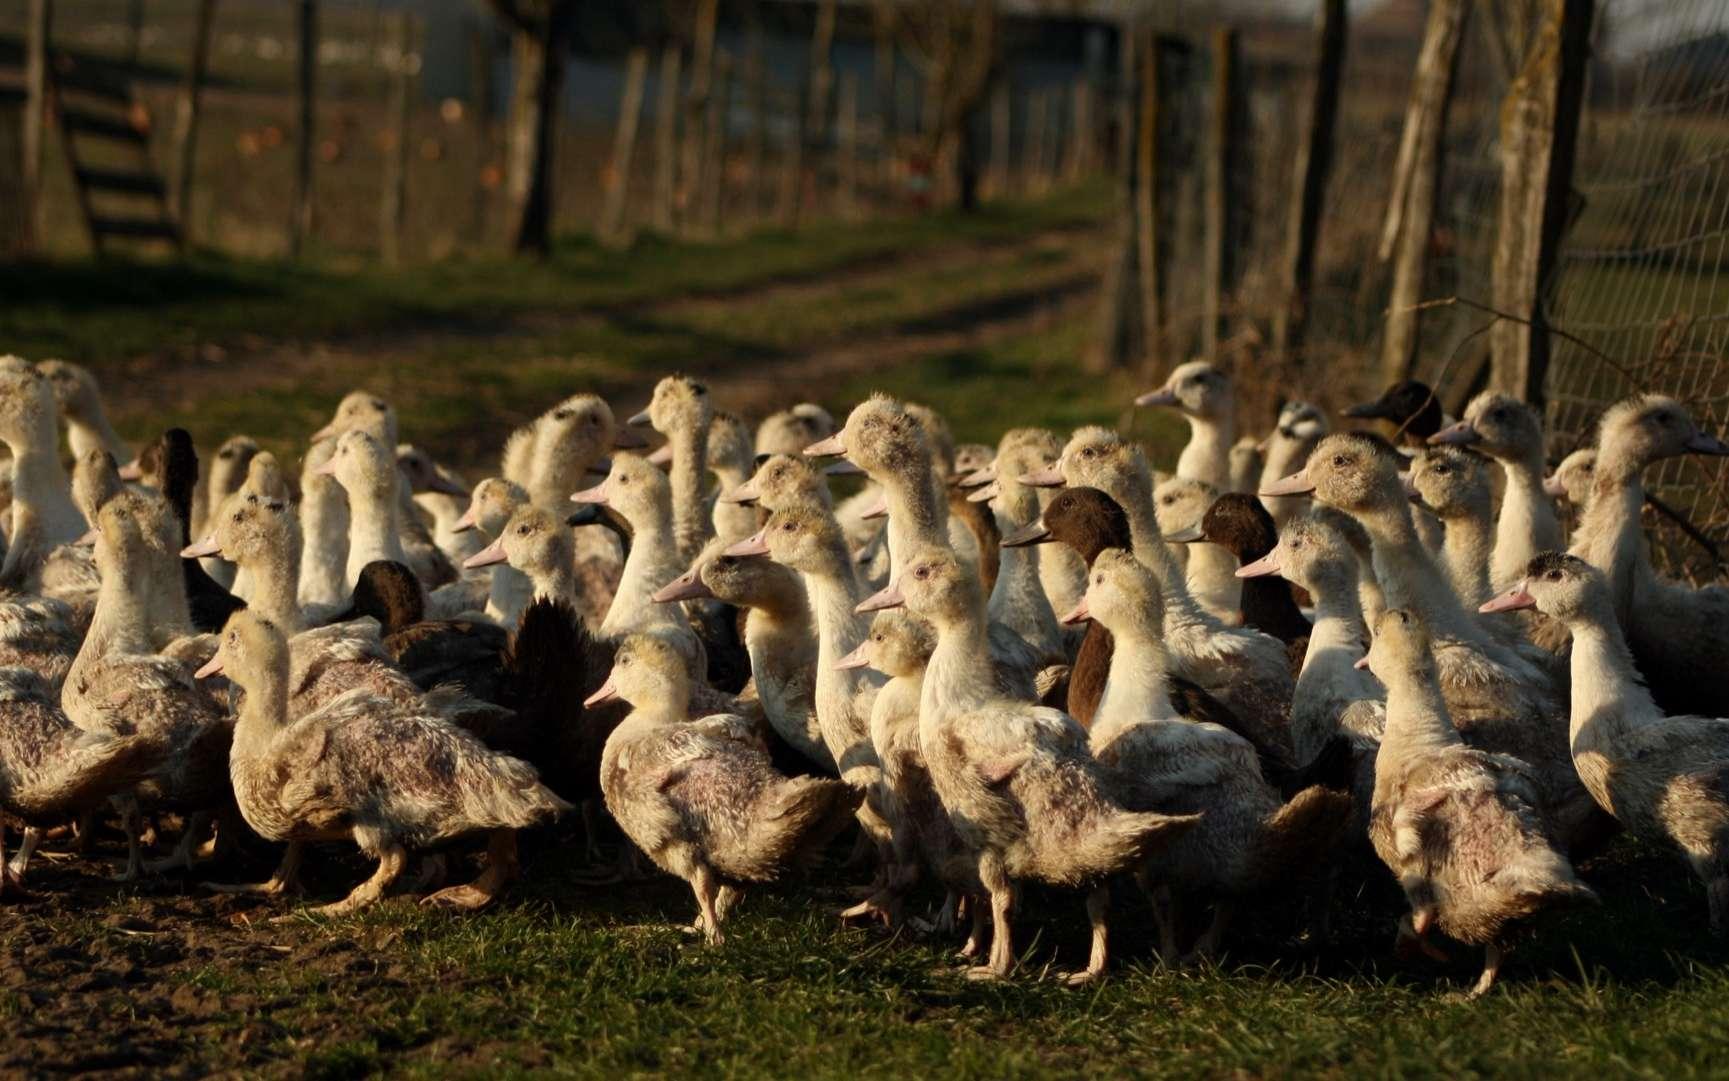 Dans le sud-ouest de la France, la grippe aviaire est de retour et est « hors de contrôle ». L'État a préconisé un abattage renforcé des élevages de canards. © Toanet, Adobe Stock